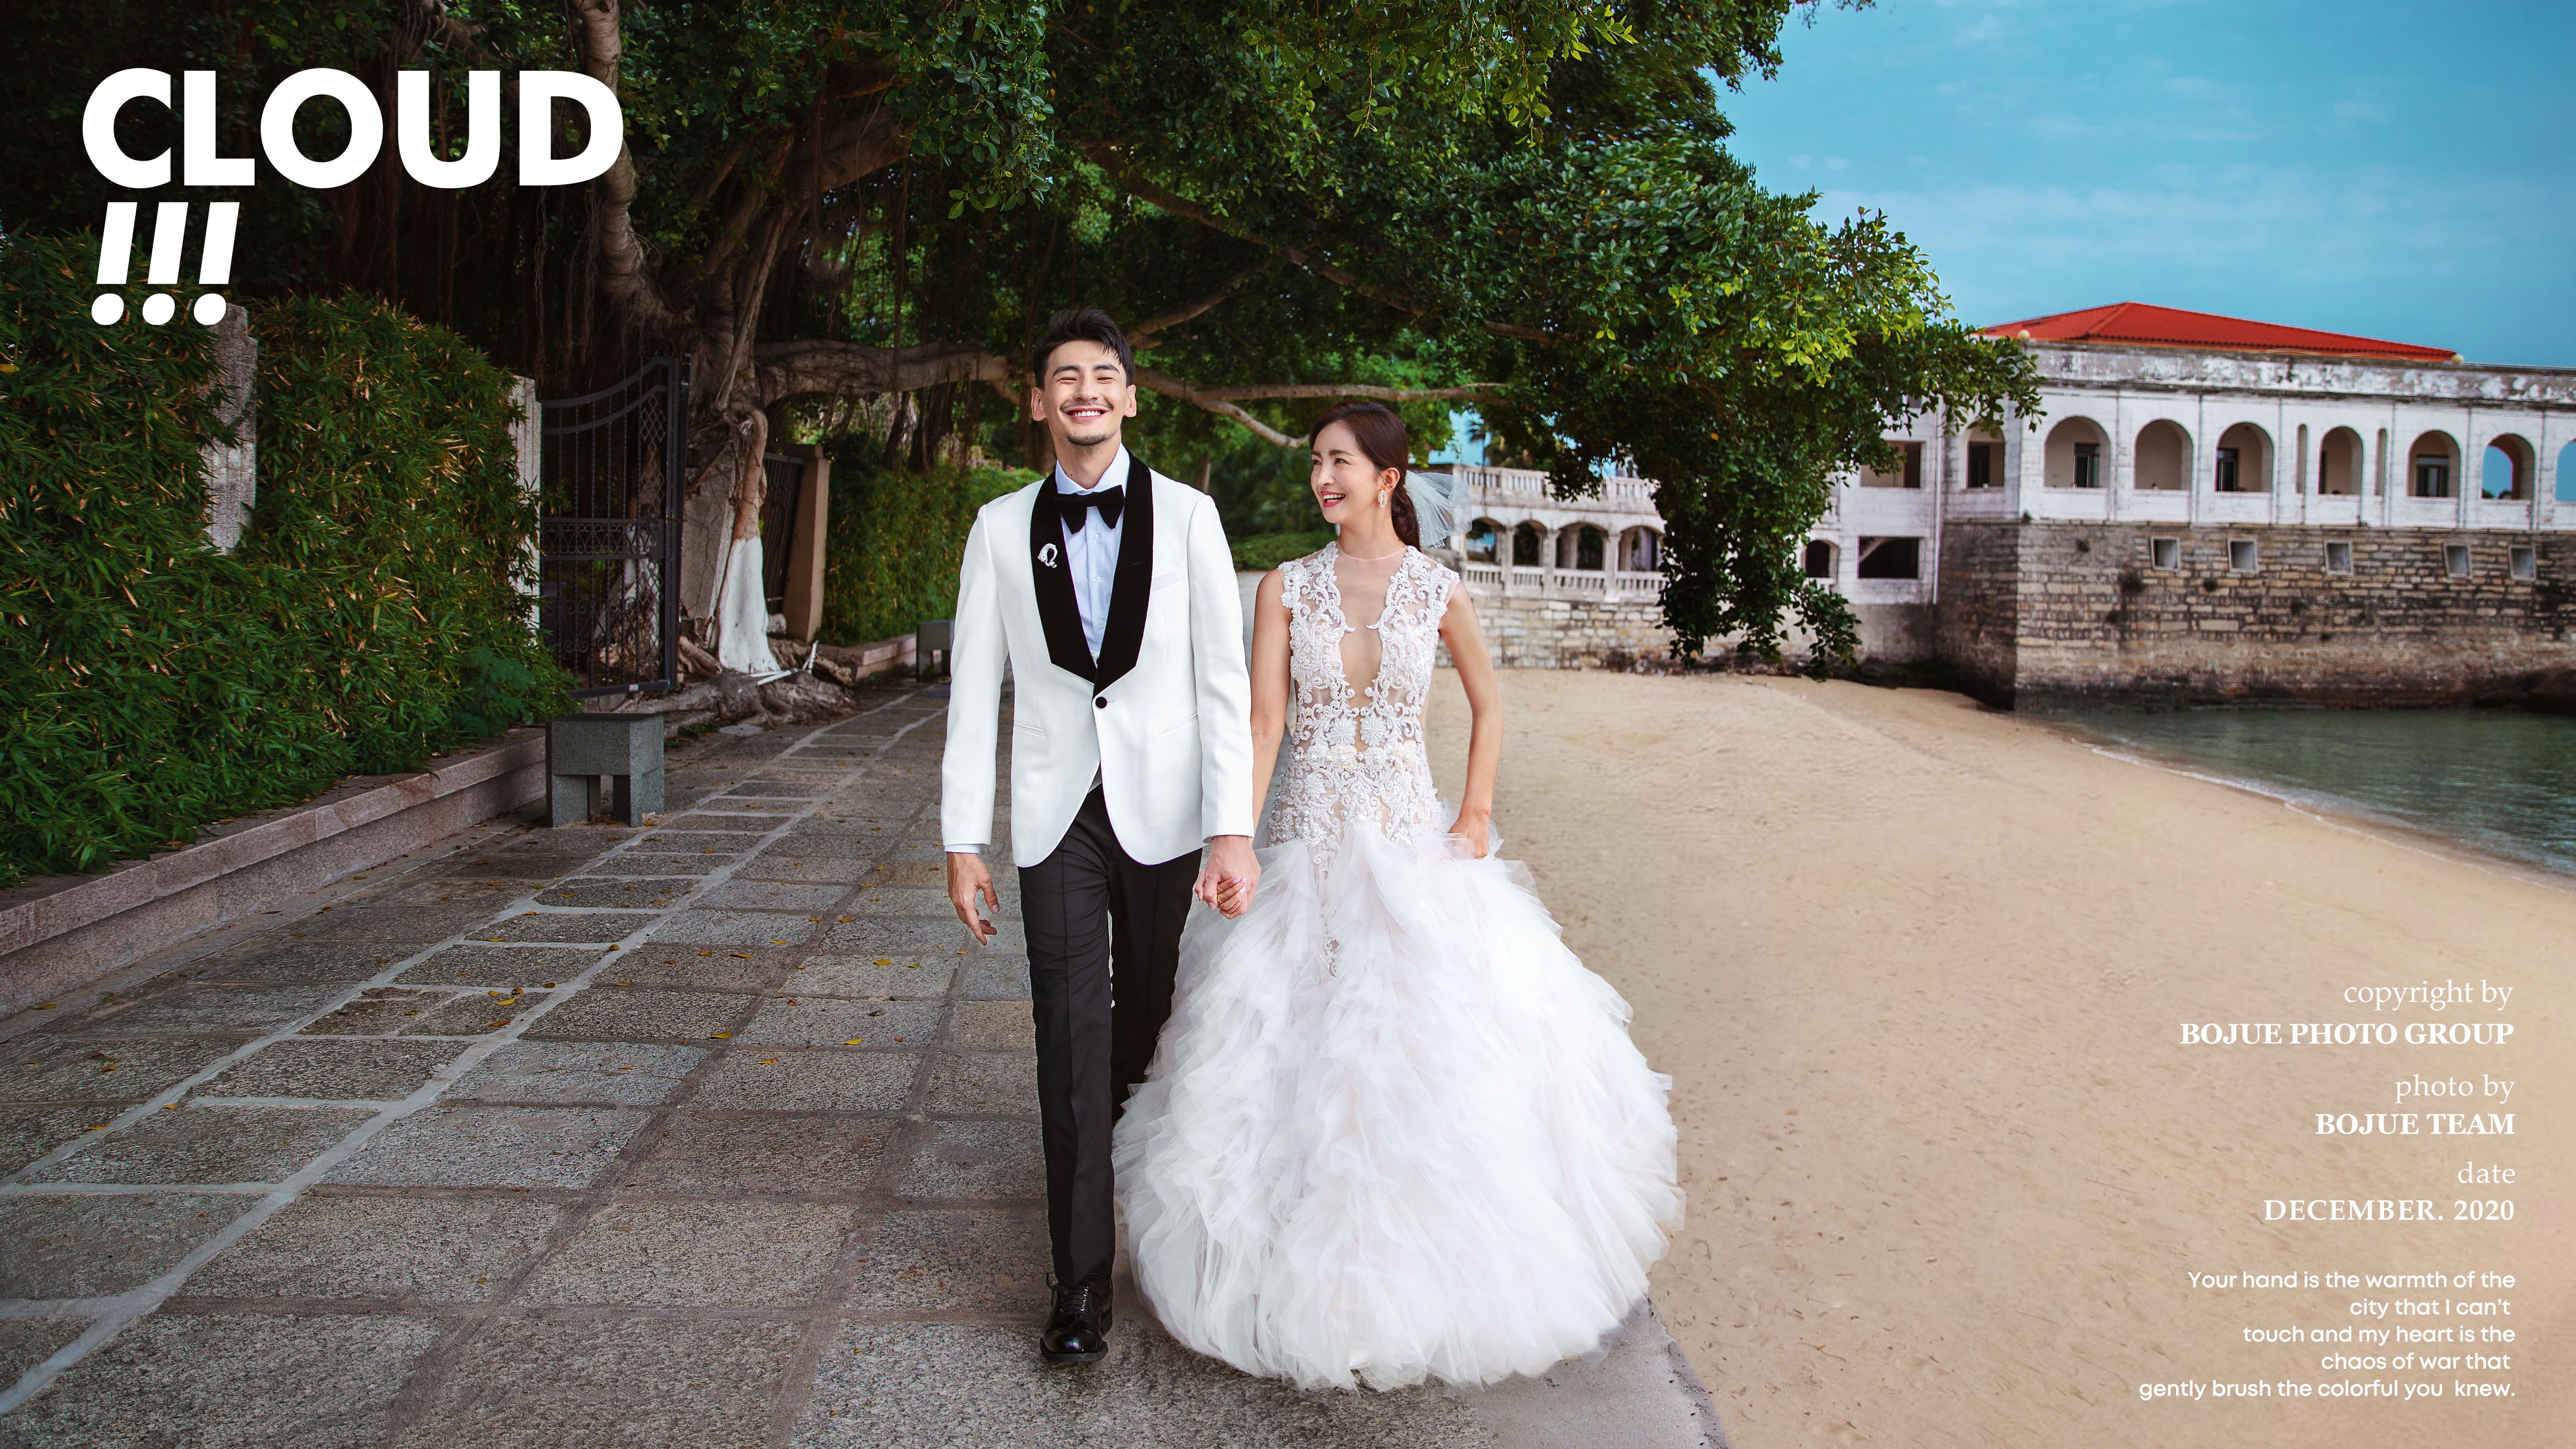 铂爵旅拍厦门鼓浪屿婚纱照哪里好看?需要注意什么?